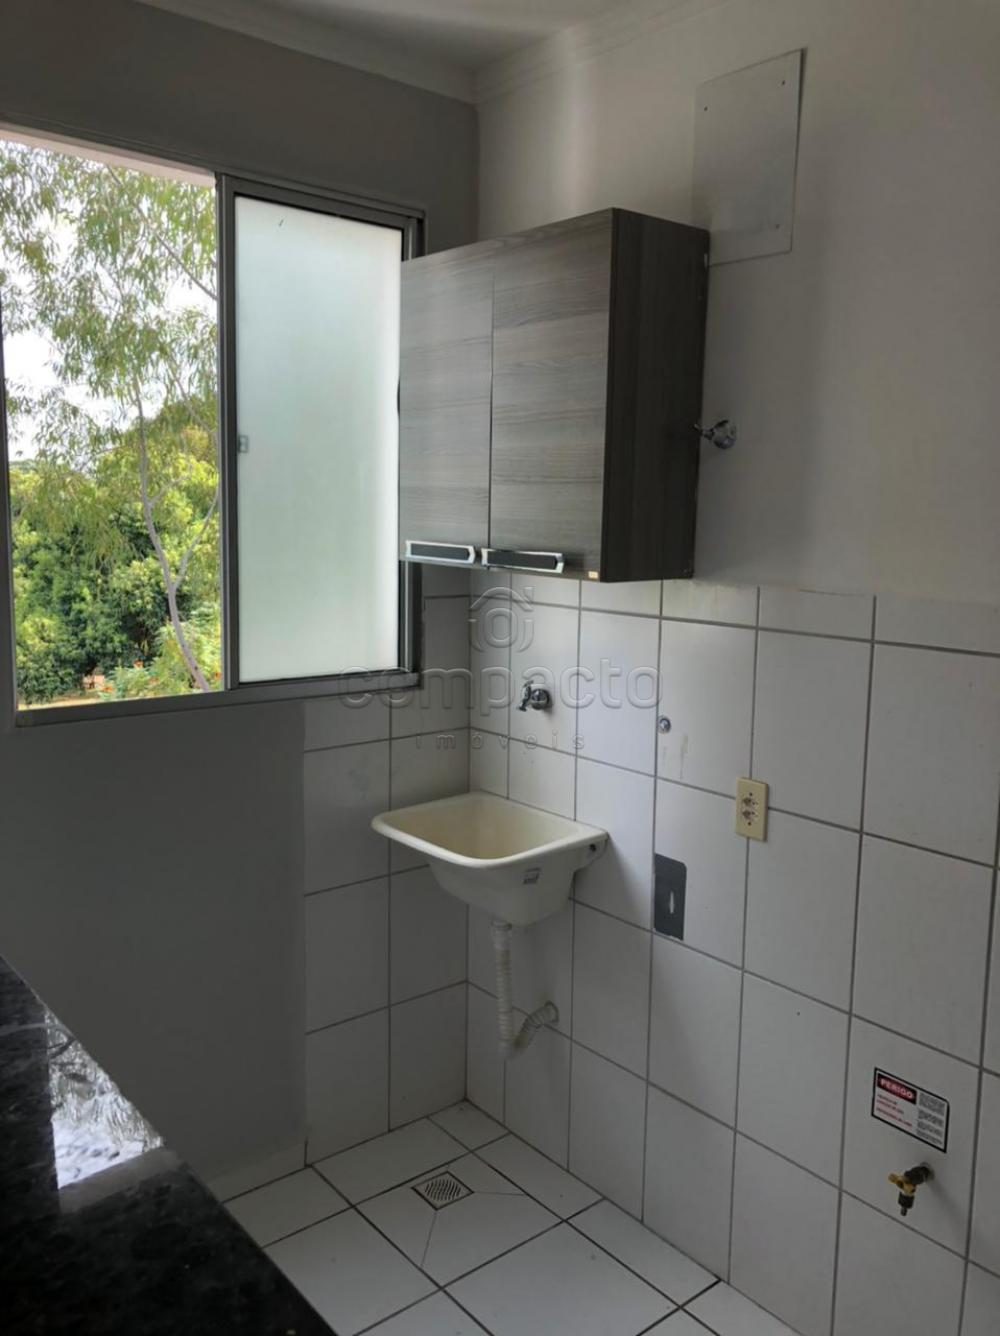 Alugar Apartamento / Padrão em São José do Rio Preto R$ 750,00 - Foto 5